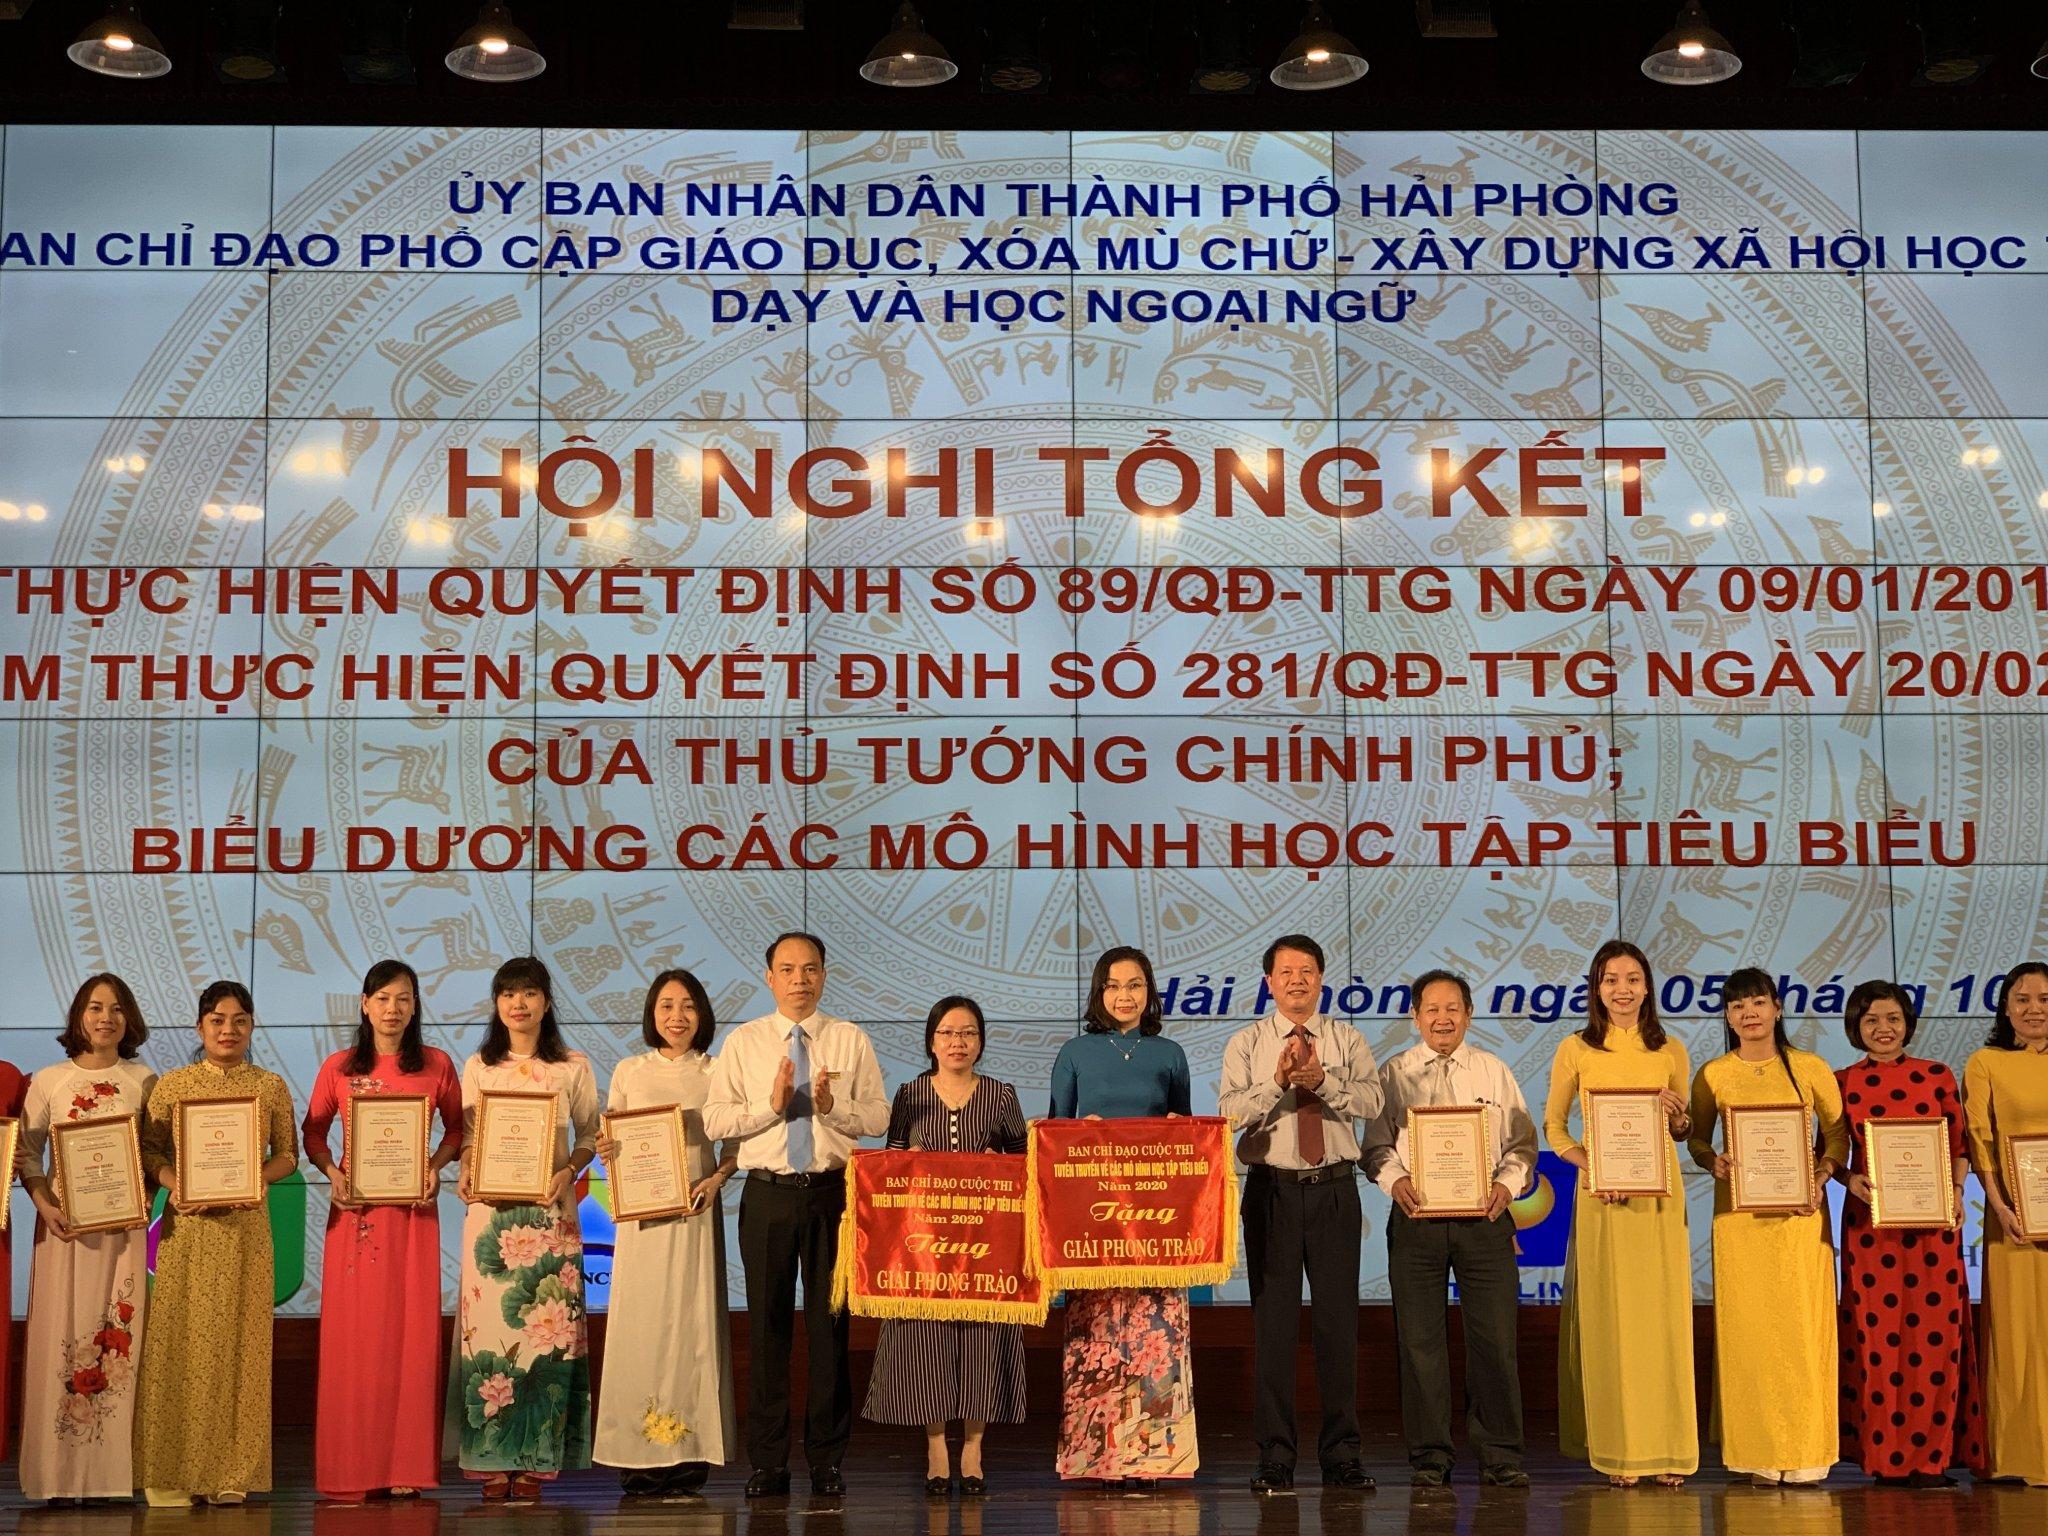 Hội nghị Tổng kết Đề án Xây dựng xã hội học tập thành phố Hải Phòng